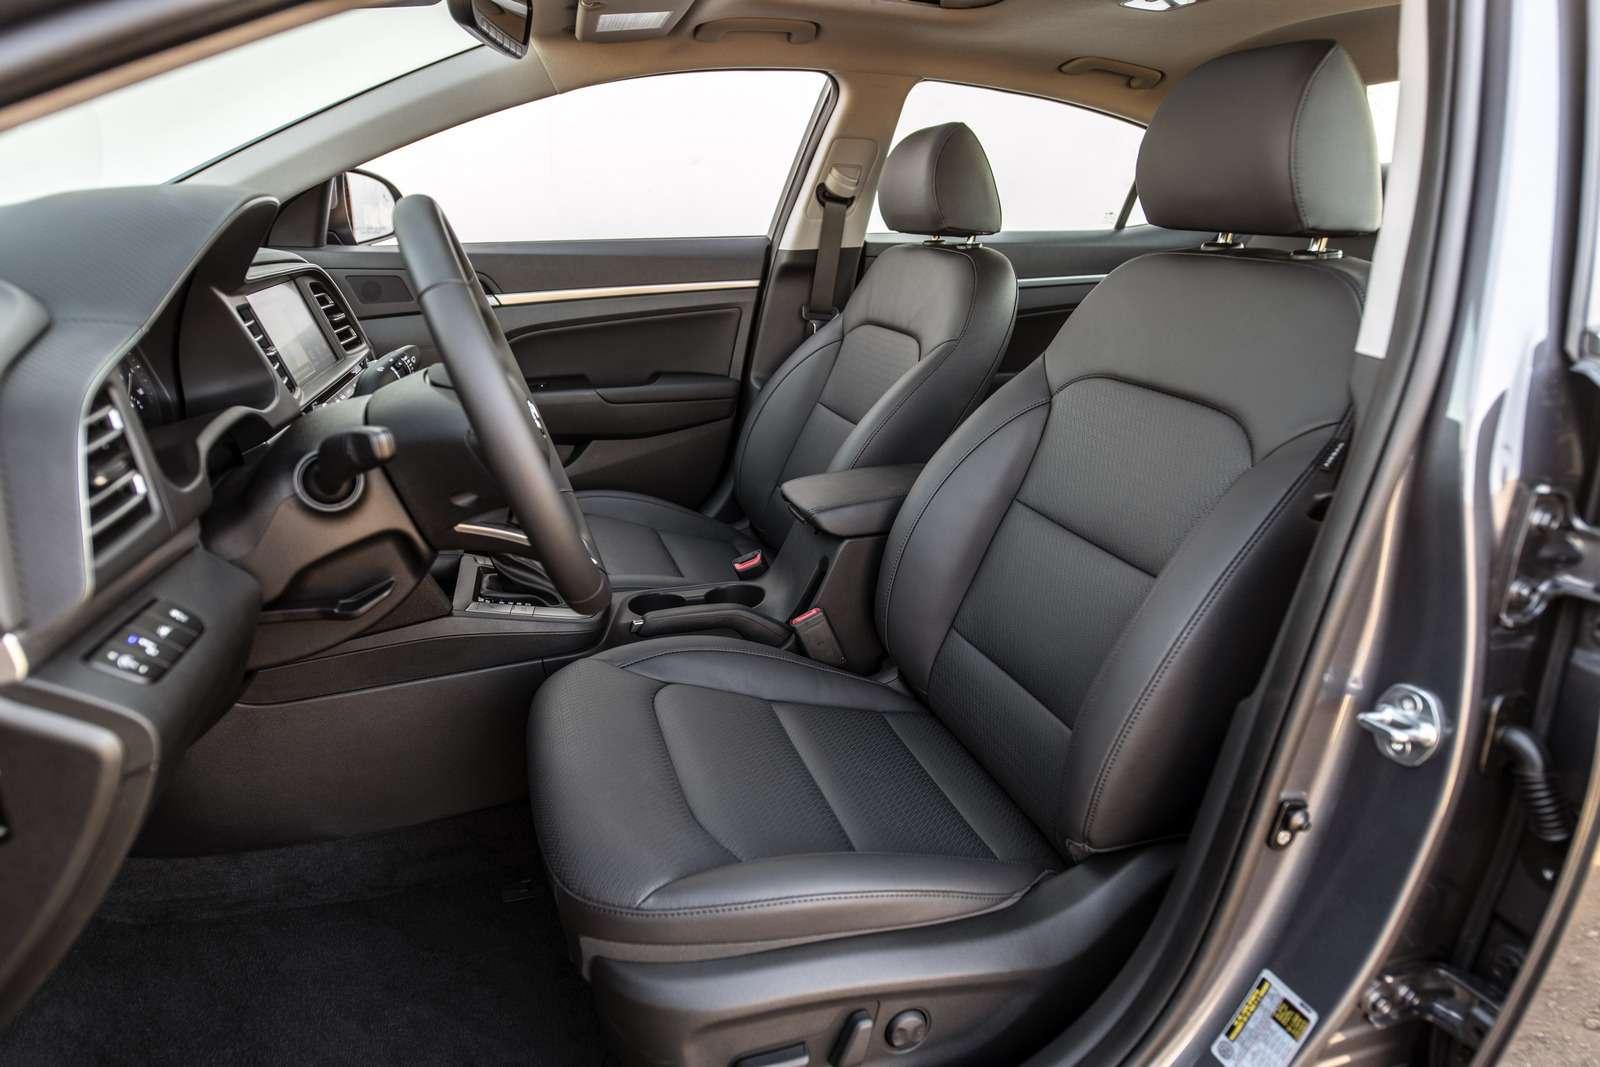 Обновленная Hyundai Elantra: треугольные фары иулучшенная безопасность— фото 898233